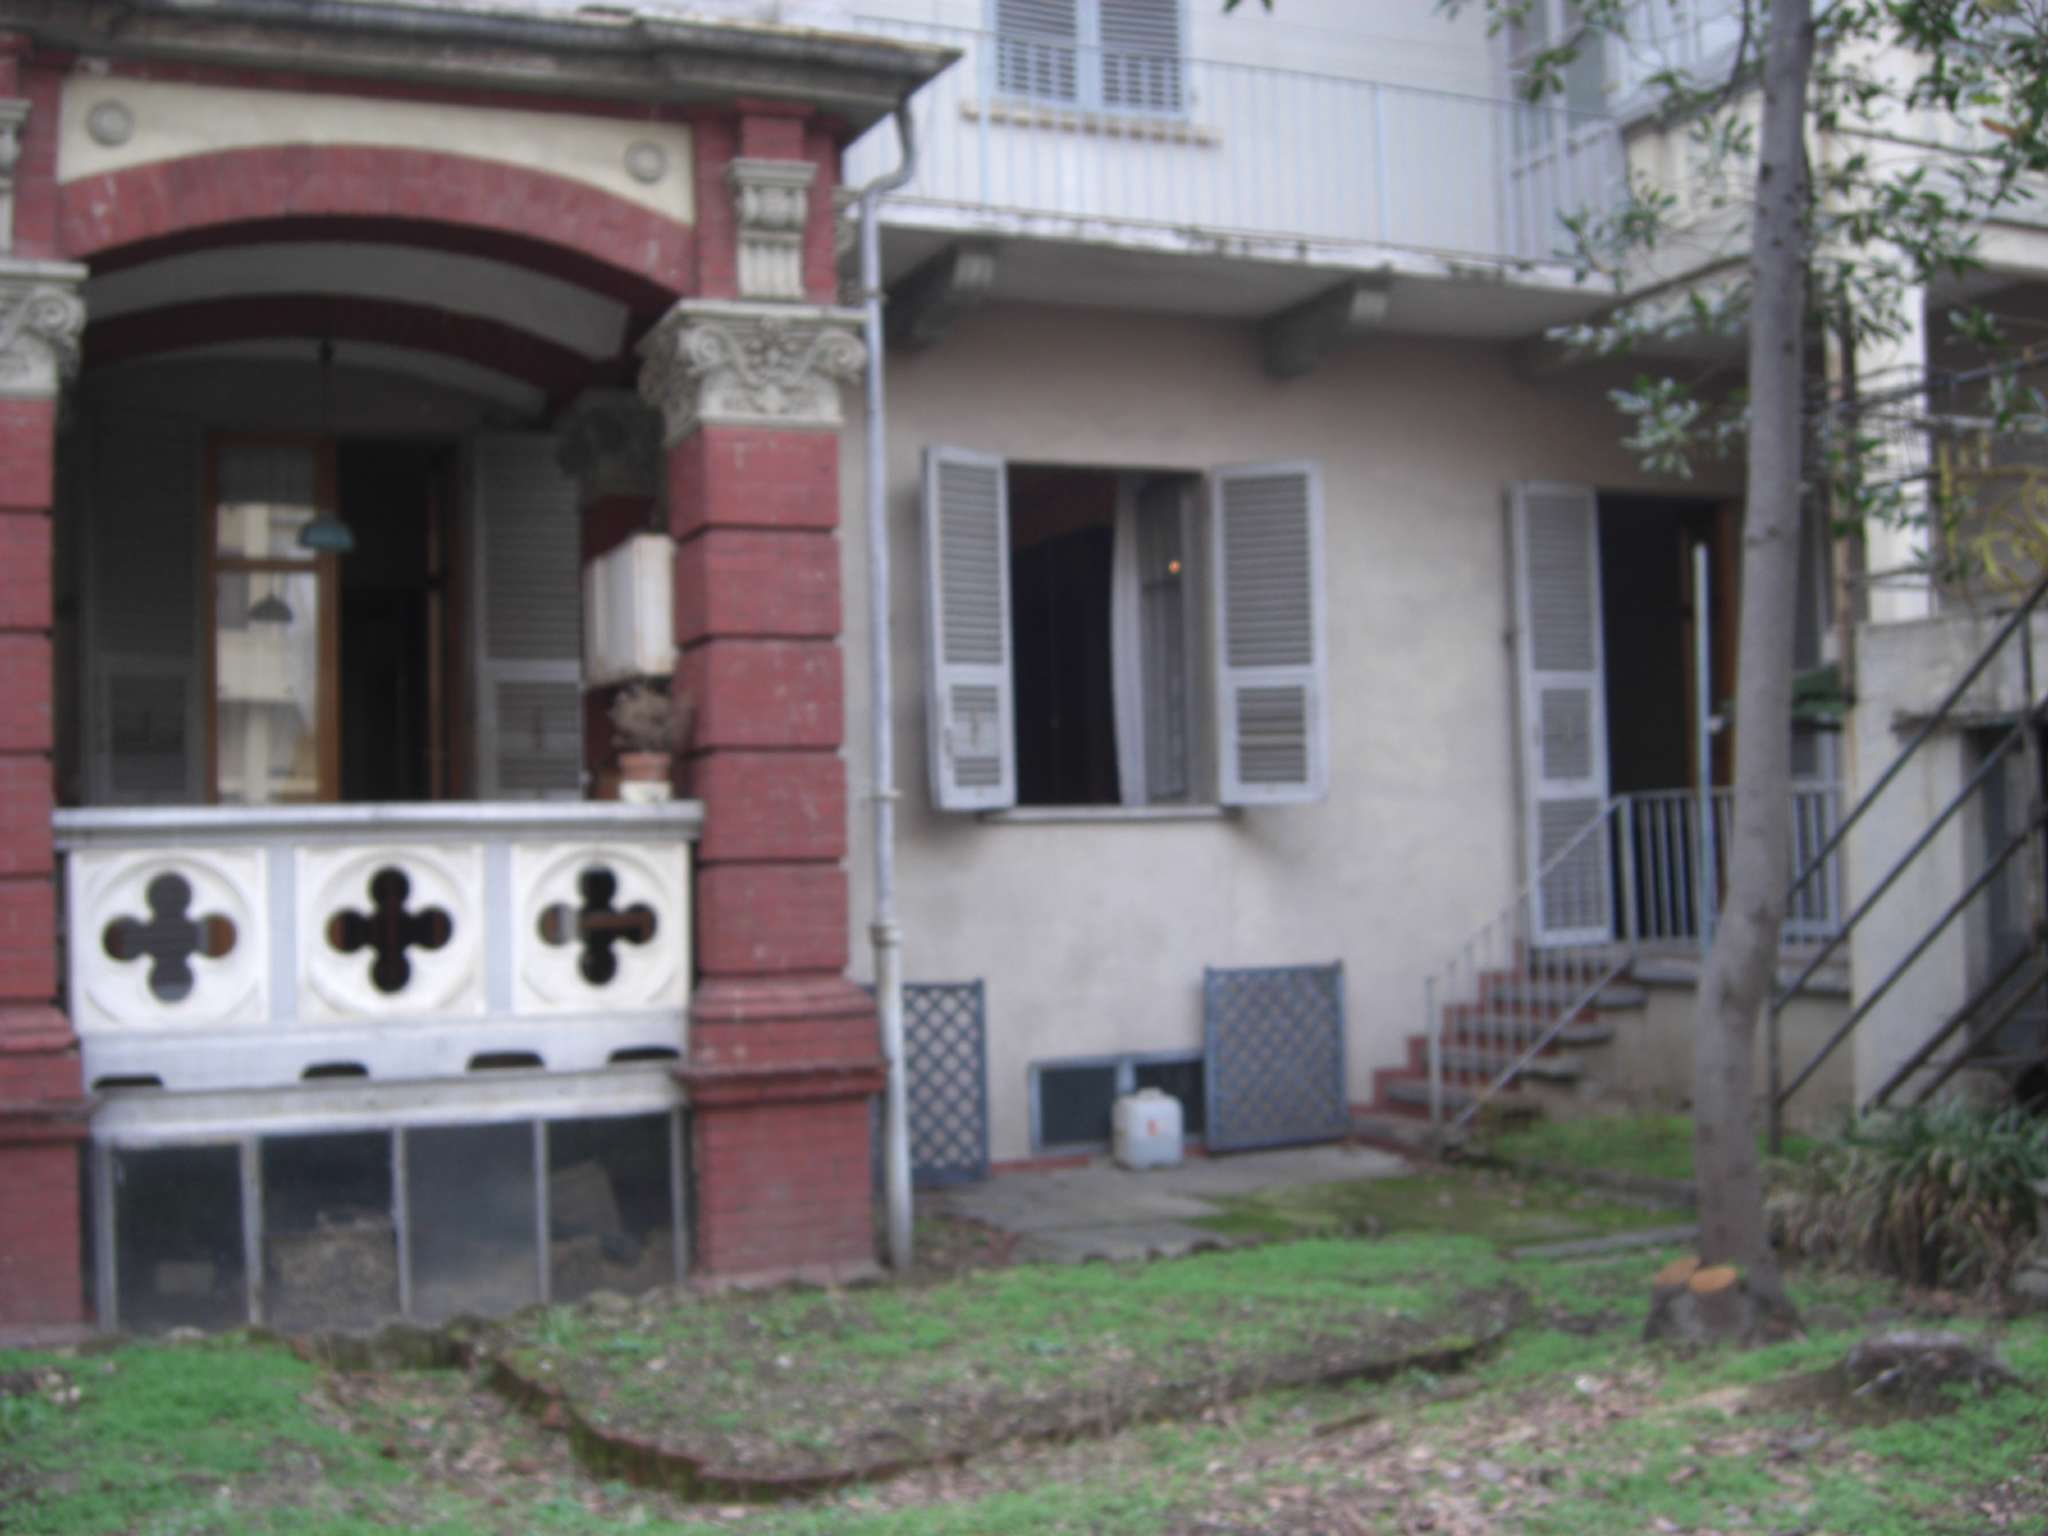 Appartamento con giardino a torino - Case in affitto moncalieri con giardino ...